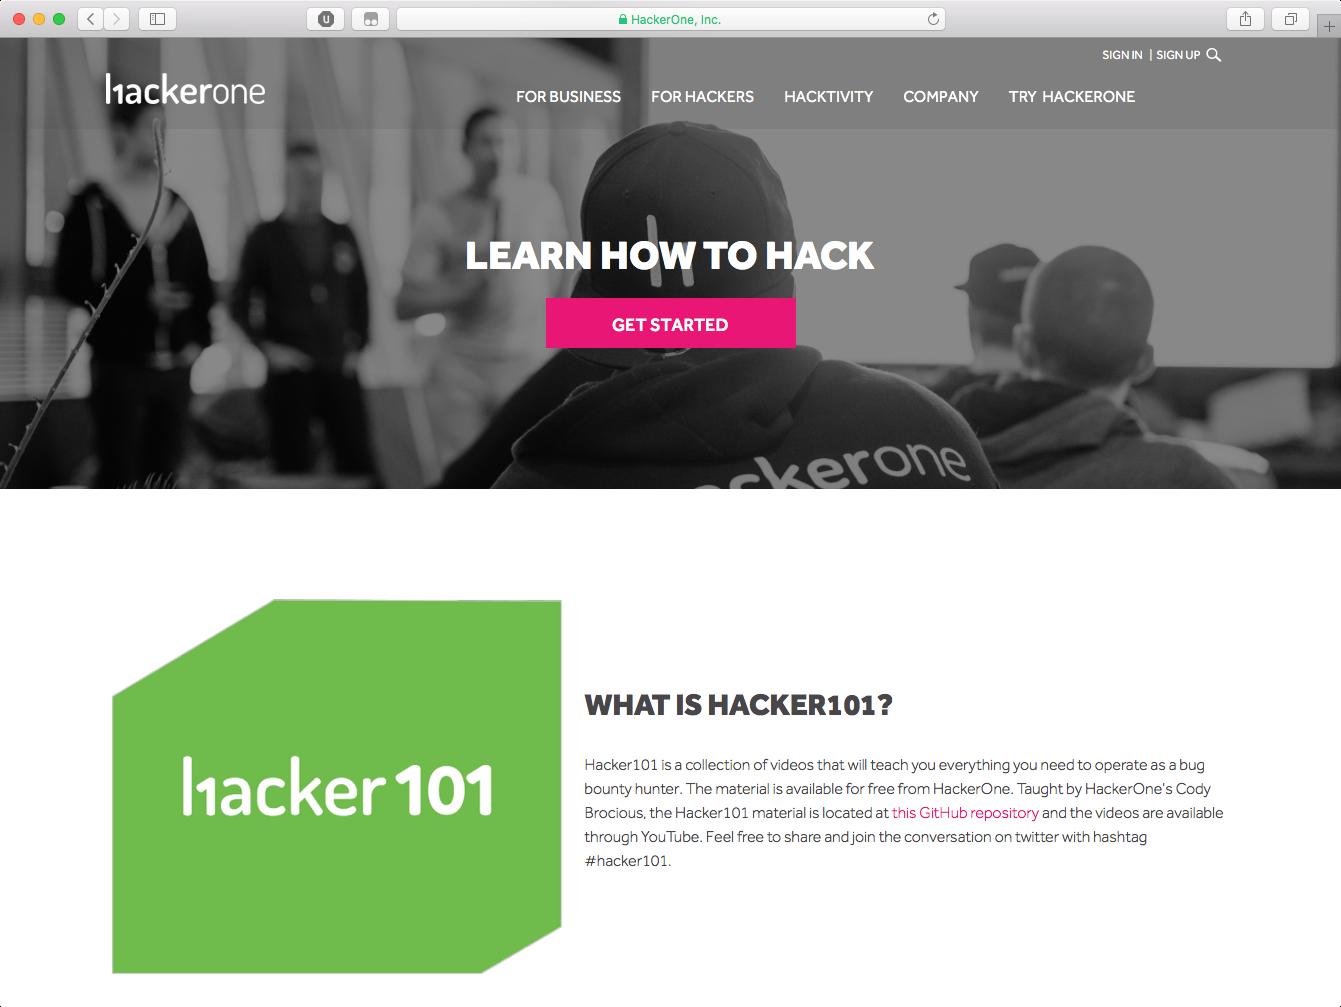 Хакеры обучение бесплатно очное обучение в словакии записаться